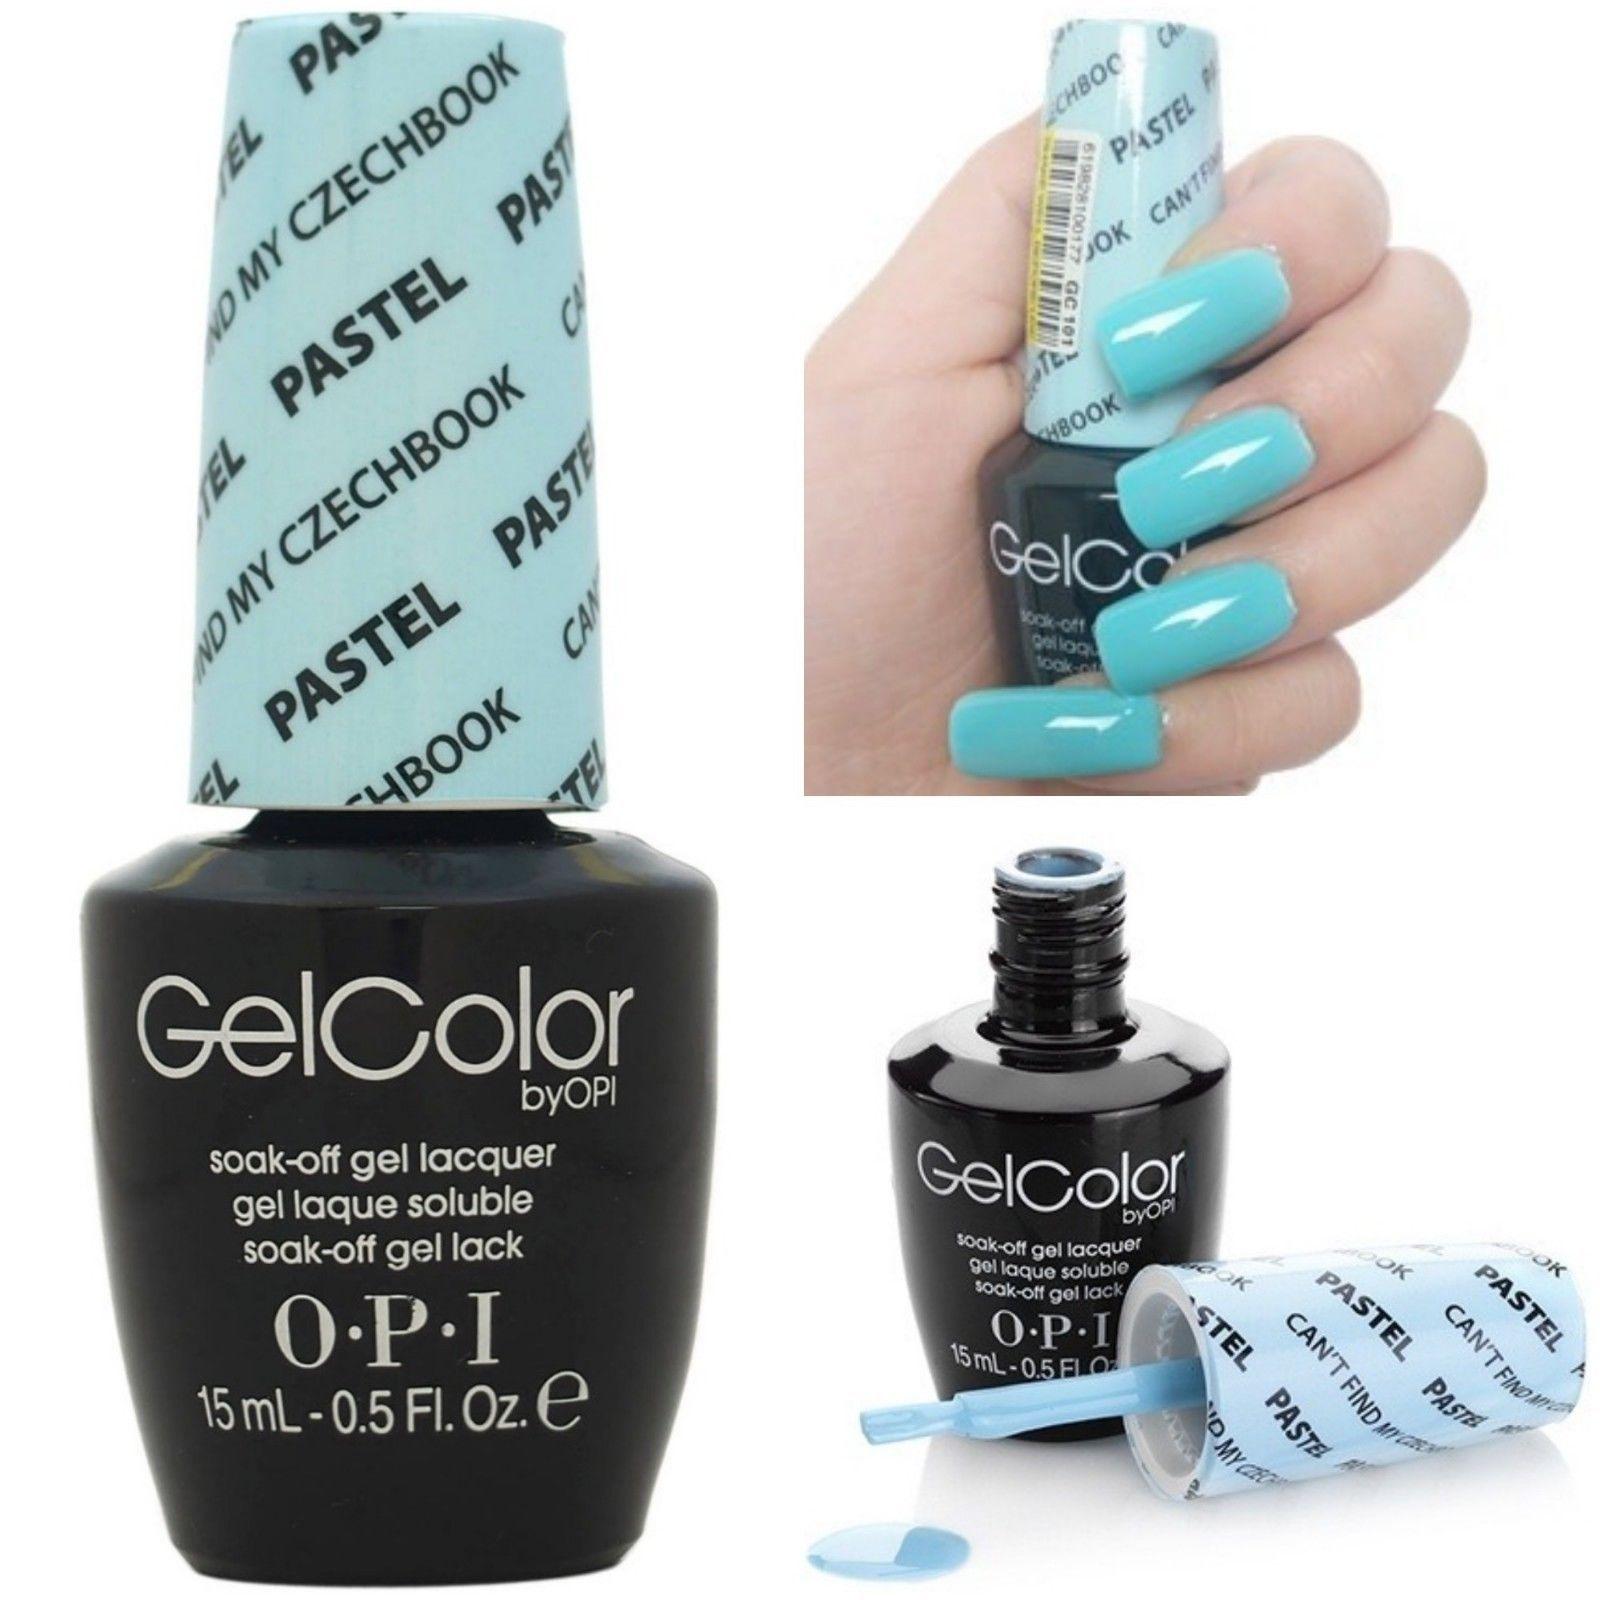 New Opi Gelcolor Soak Off Uv Led Gel Nail Polish 100 Authentic 0 5oz You Choose Nail Polish Gel Nail Colors Gel Nail Polish